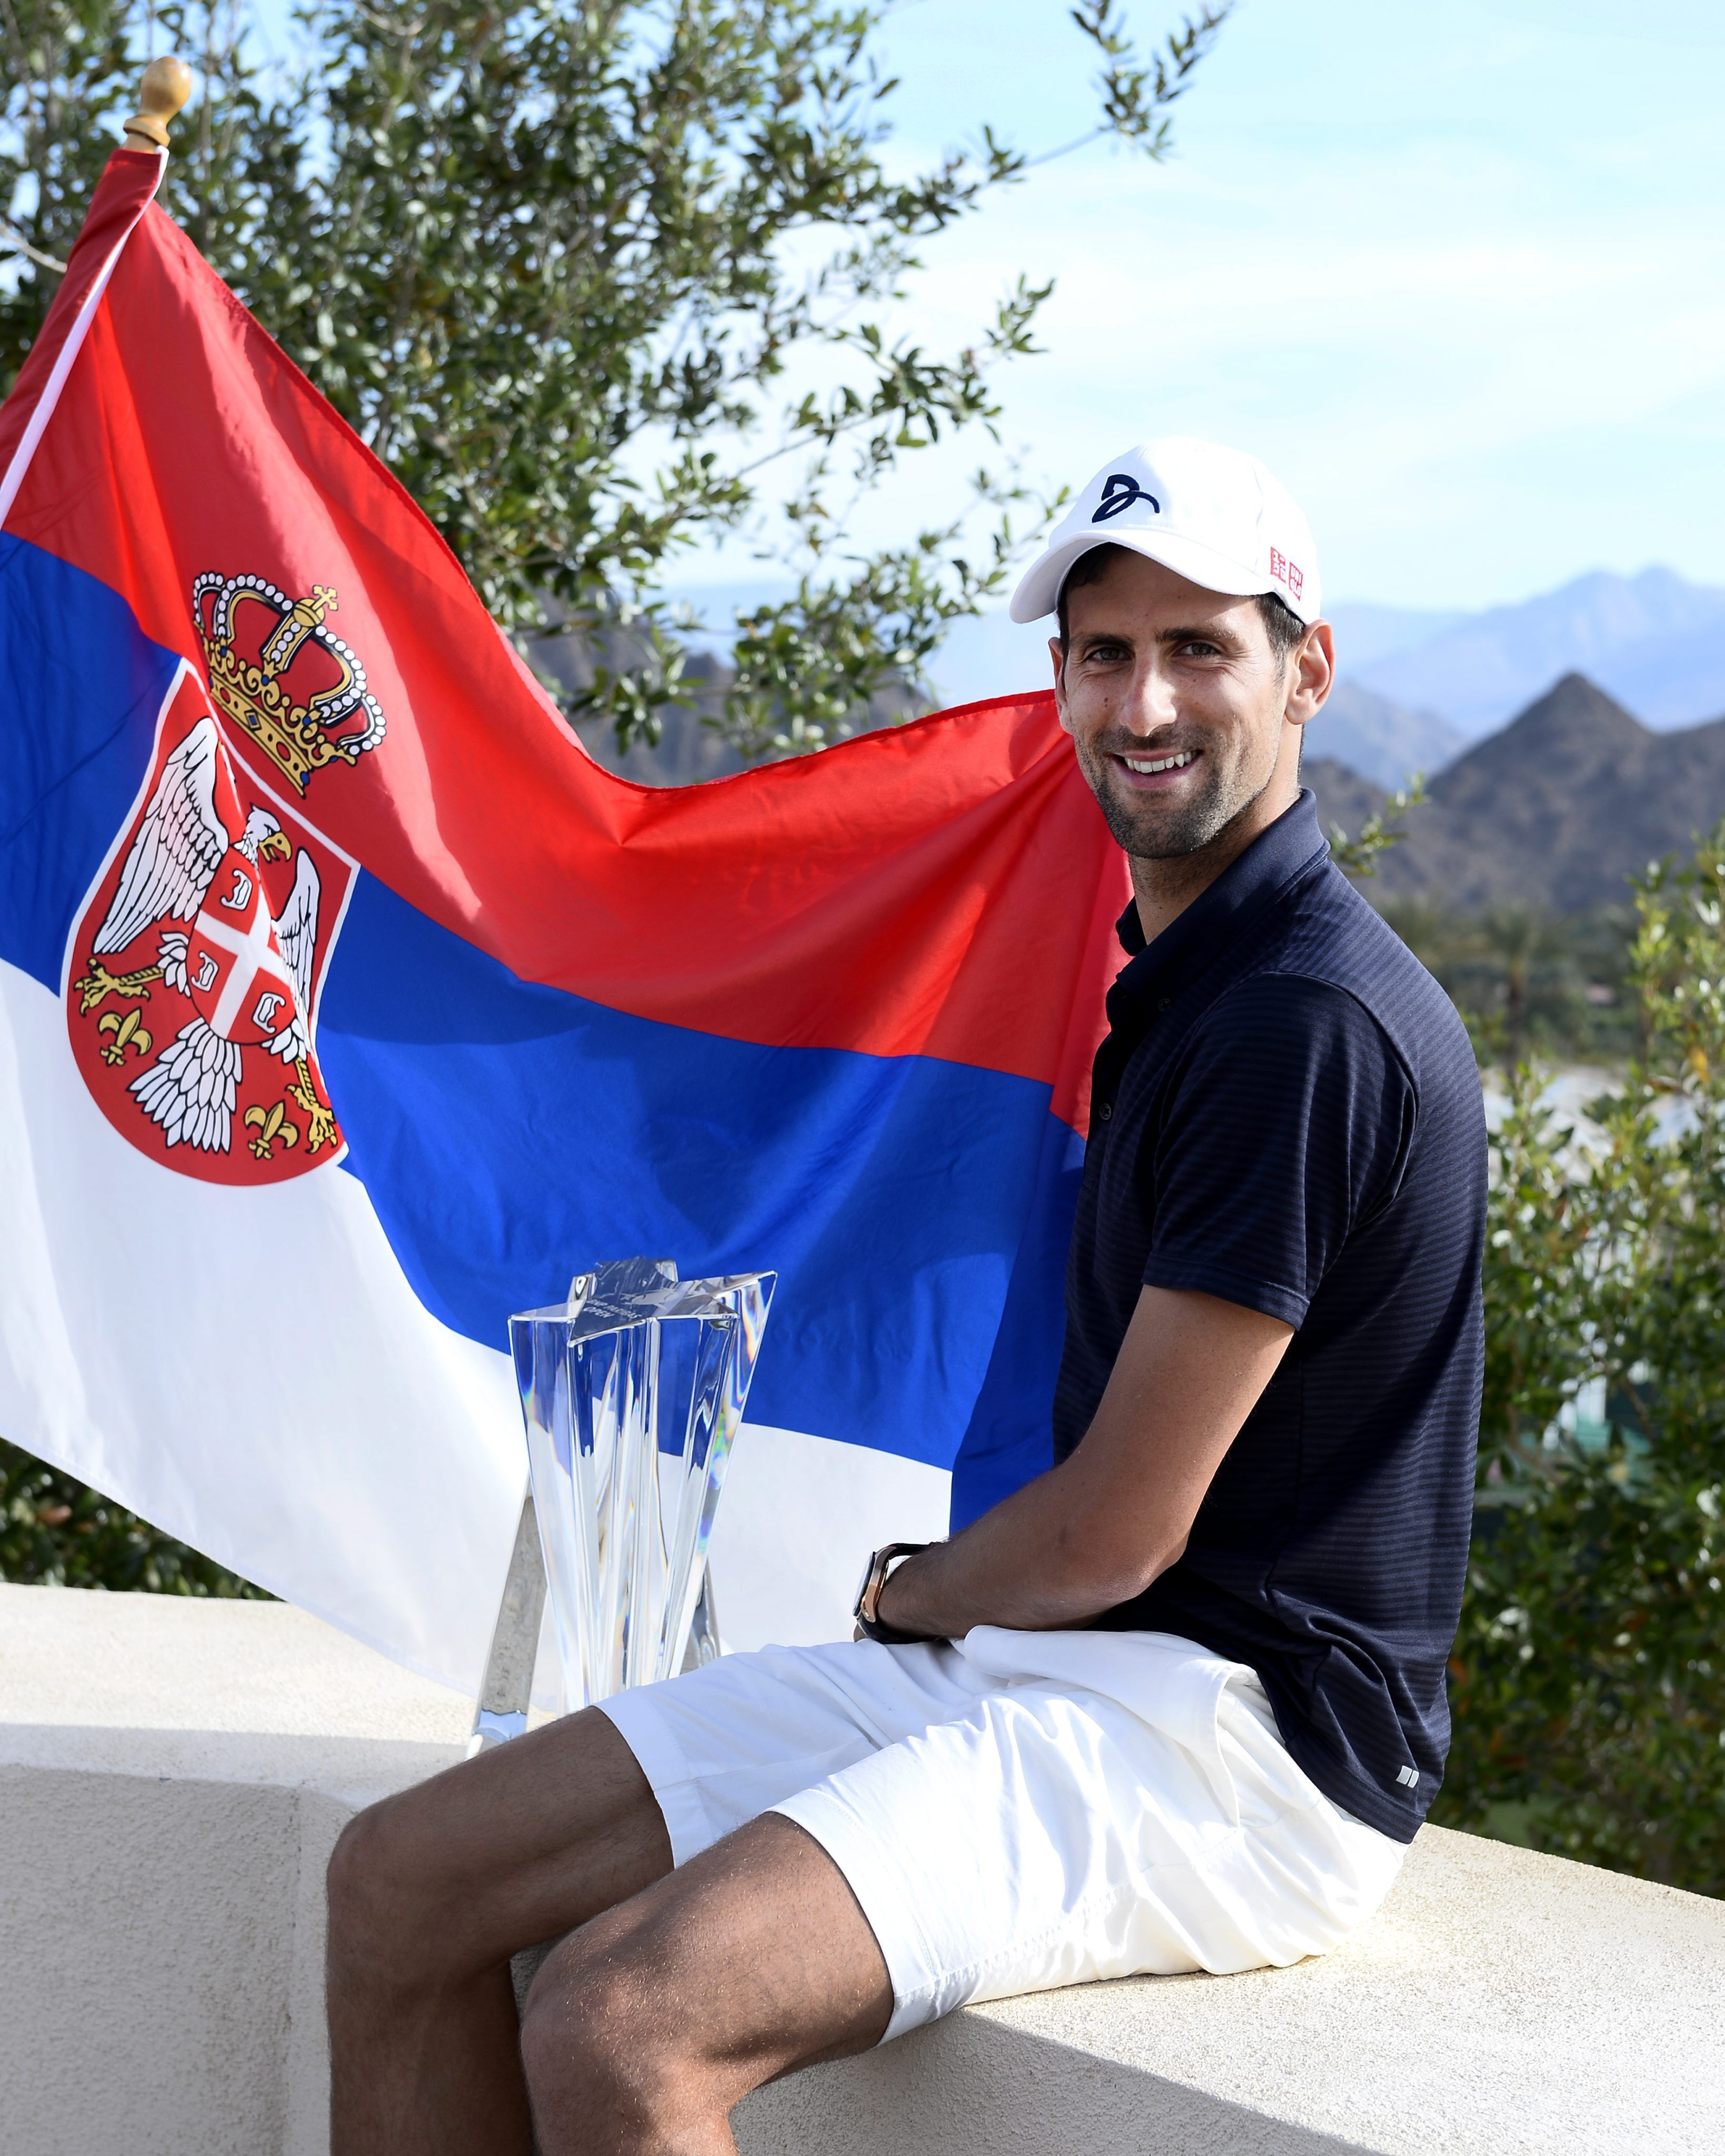 Escándalo: el Nº1 del tenis y un comentario machista que encendió la polémica